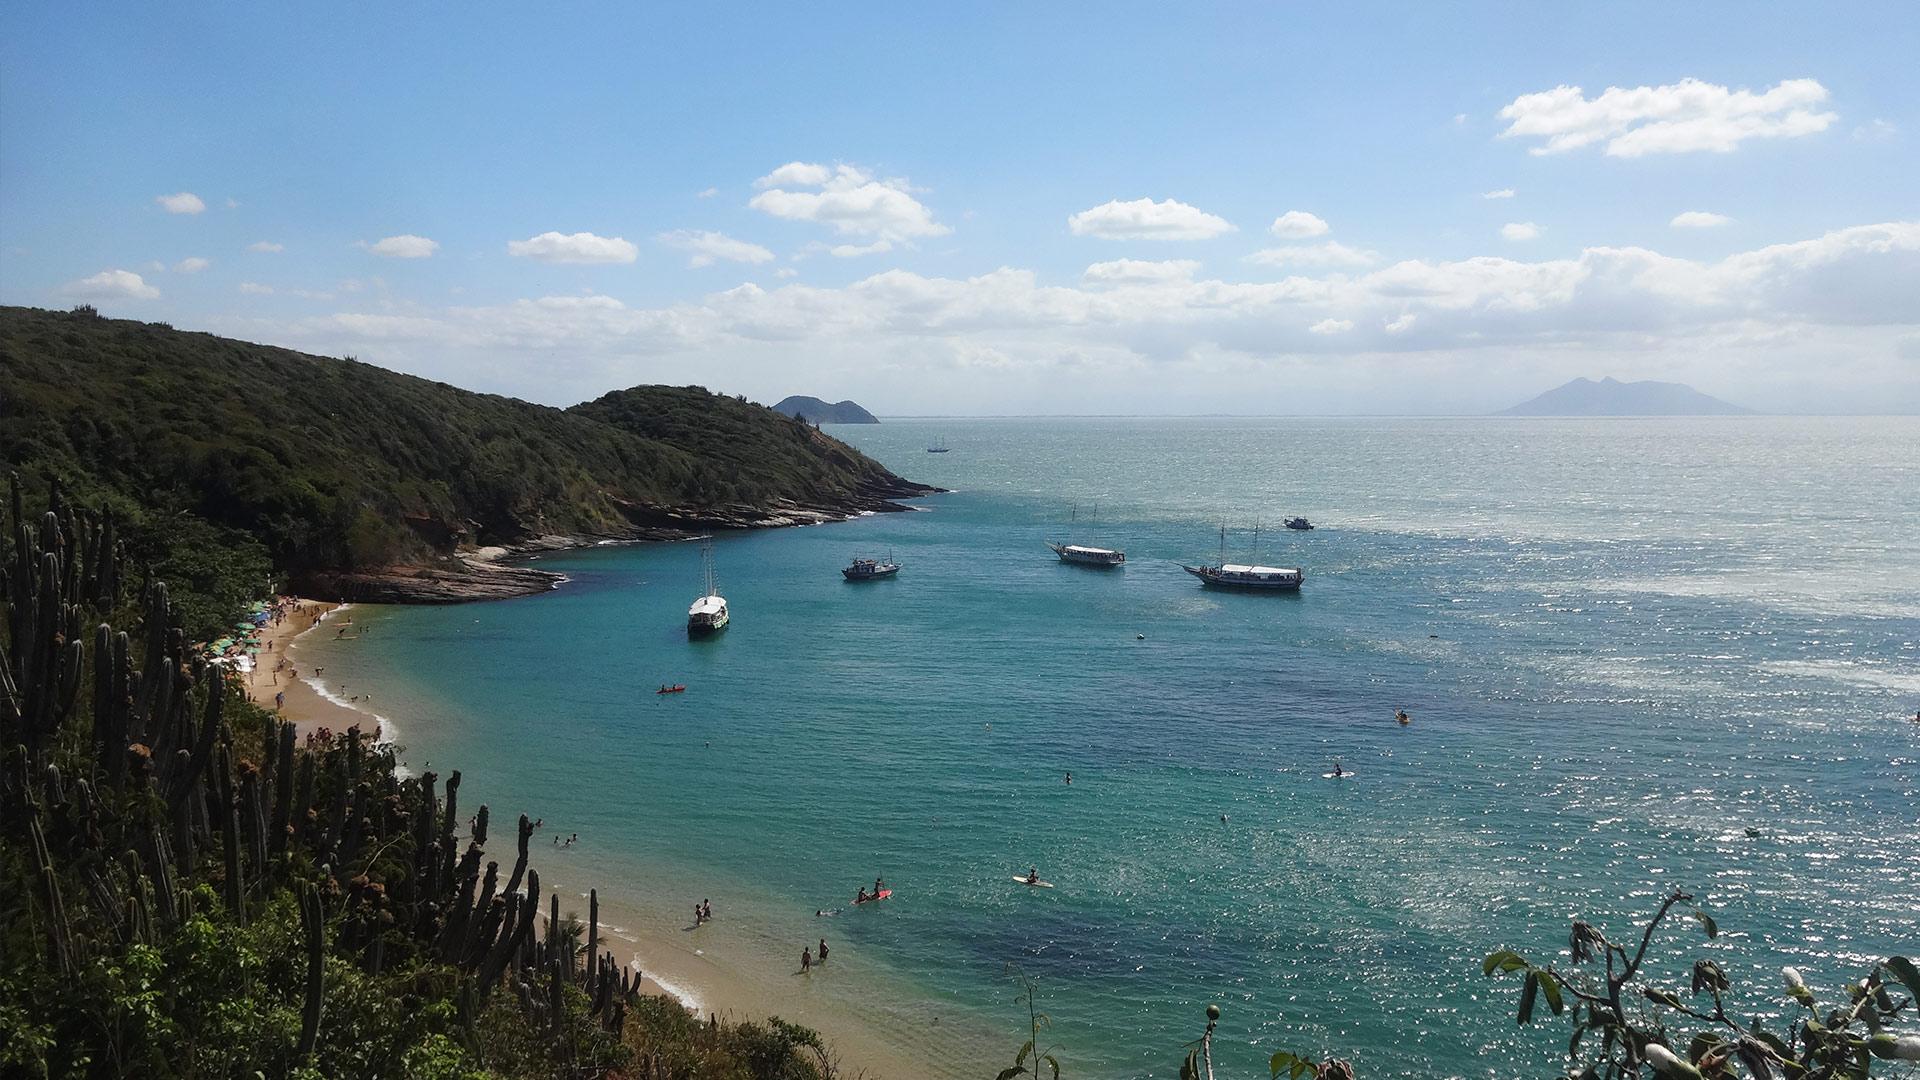 Vista panorâmica da praia de João Fernandes em Búzios